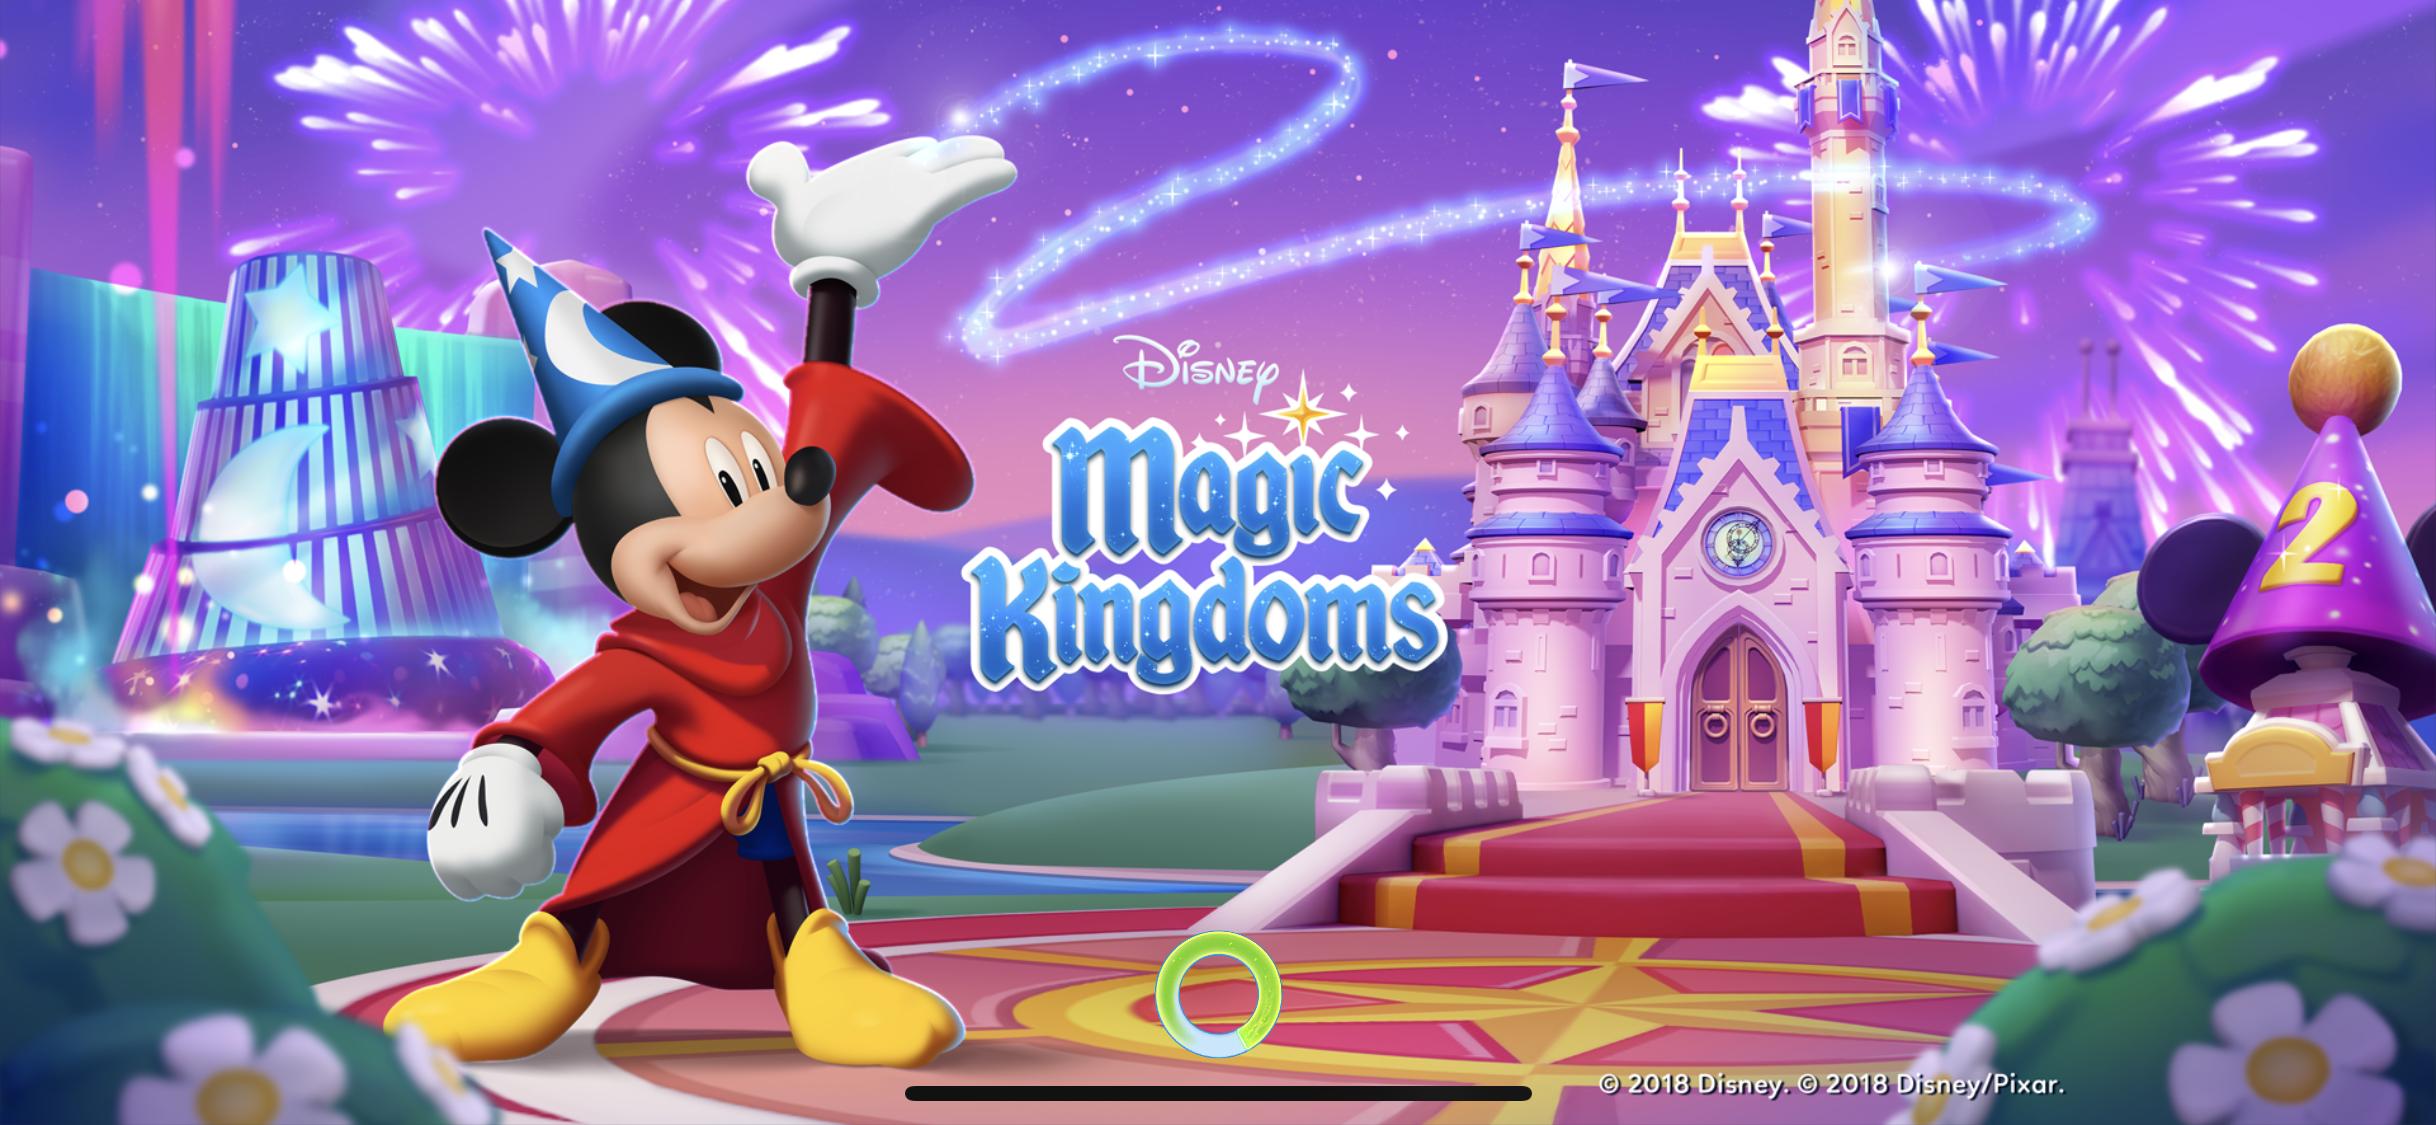 读者投稿迪士尼粉丝一定要玩迪士尼梦幻王国游戏介绍